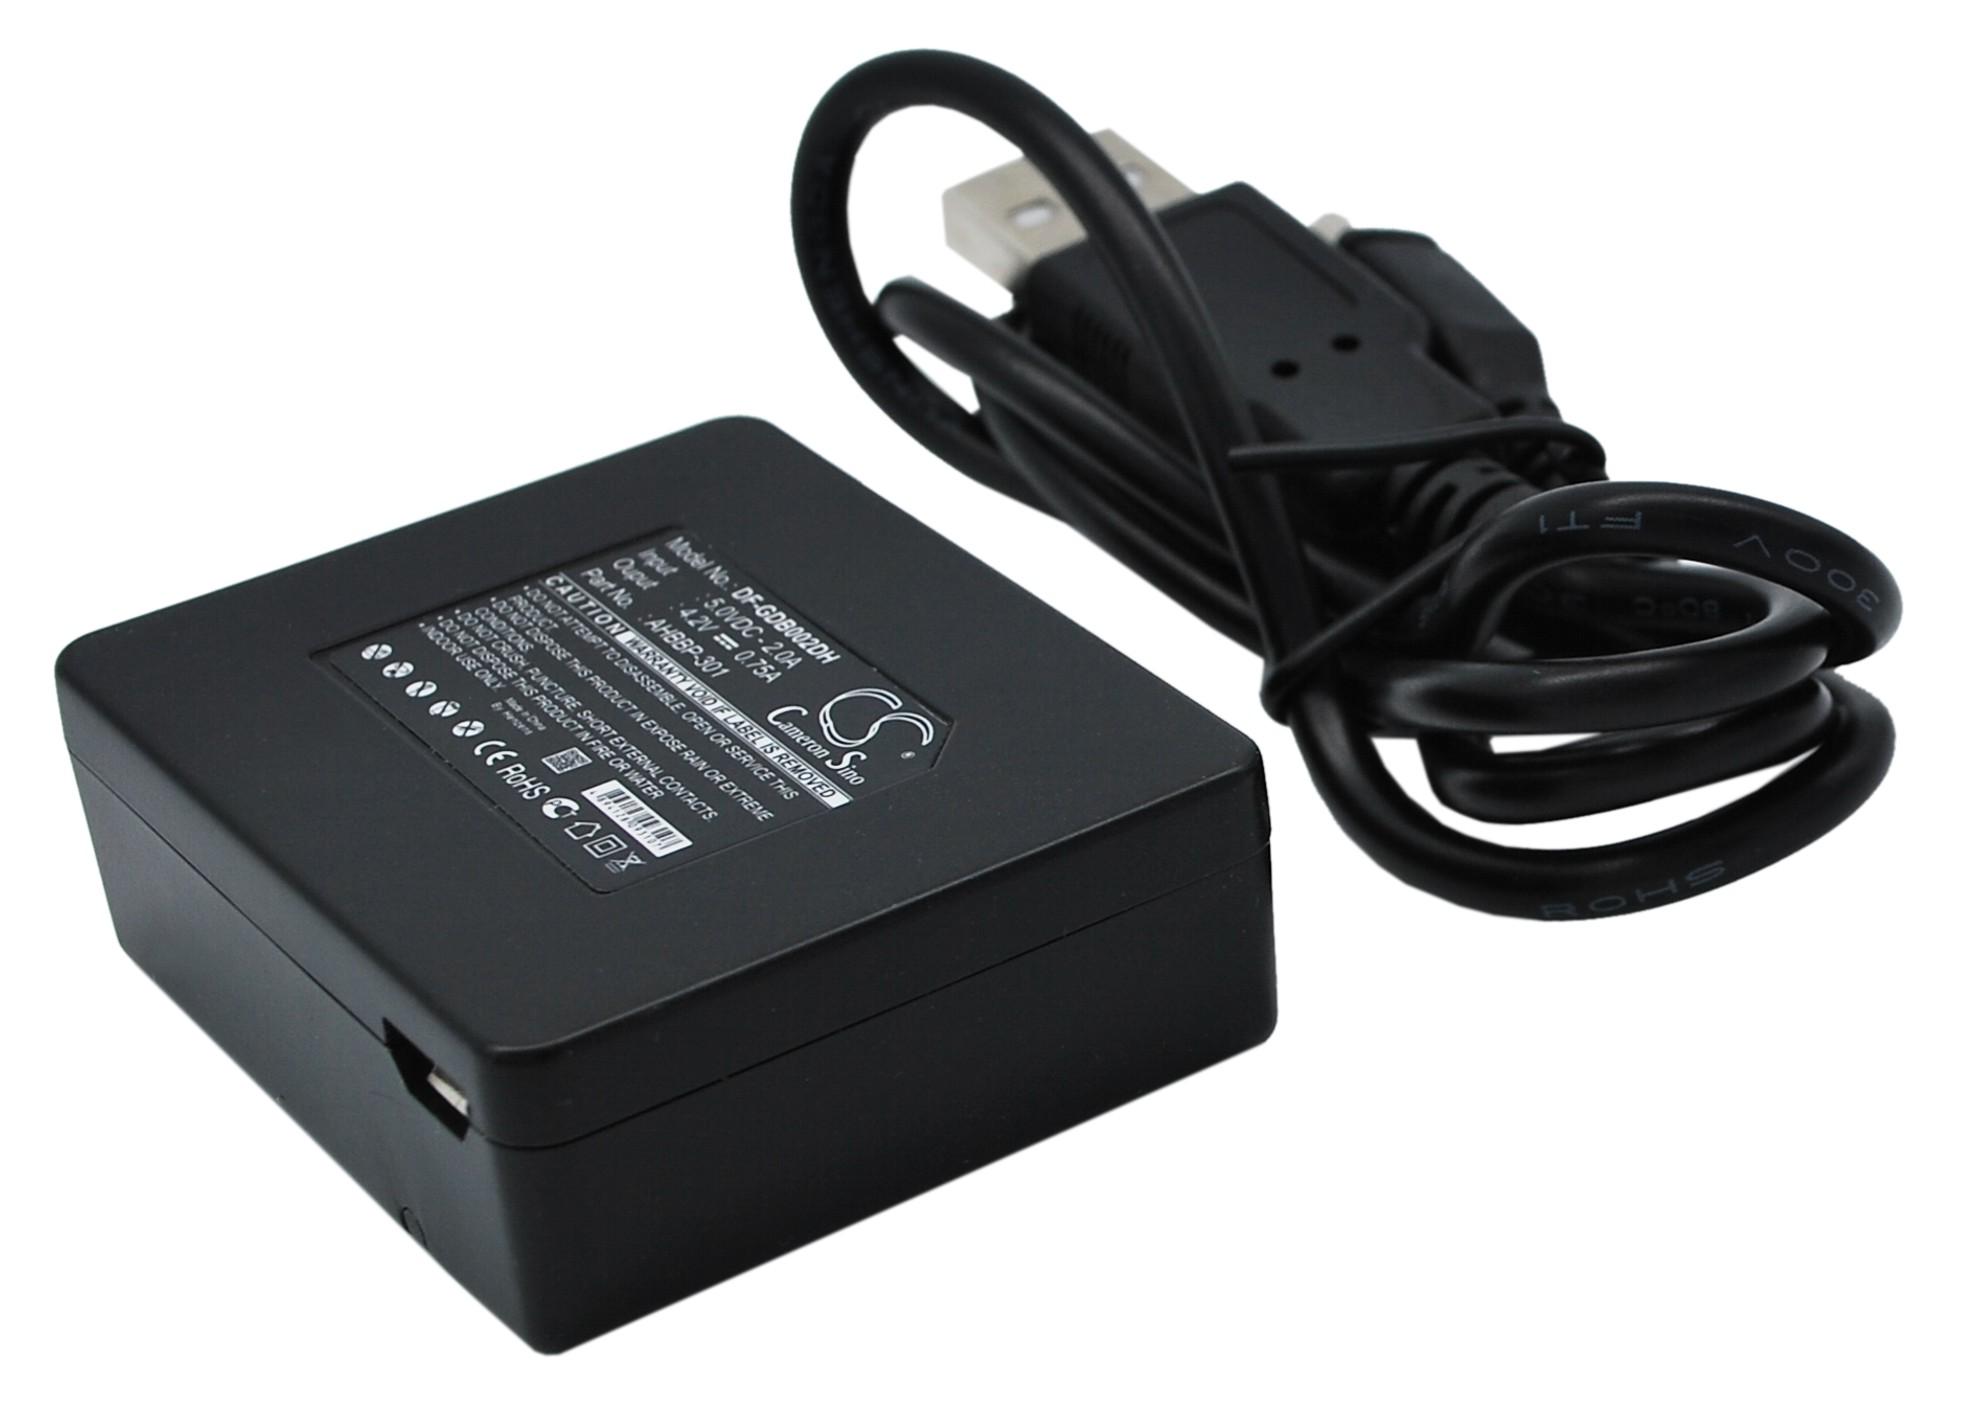 Cameron Sino nabíječky pro kamery a fotoaparáty pro GOPRO HD Hero3 Black Editionm HD Hero3 White Editionm HD Hero3 Black Editionm HD Hero3 černá - neoriginální